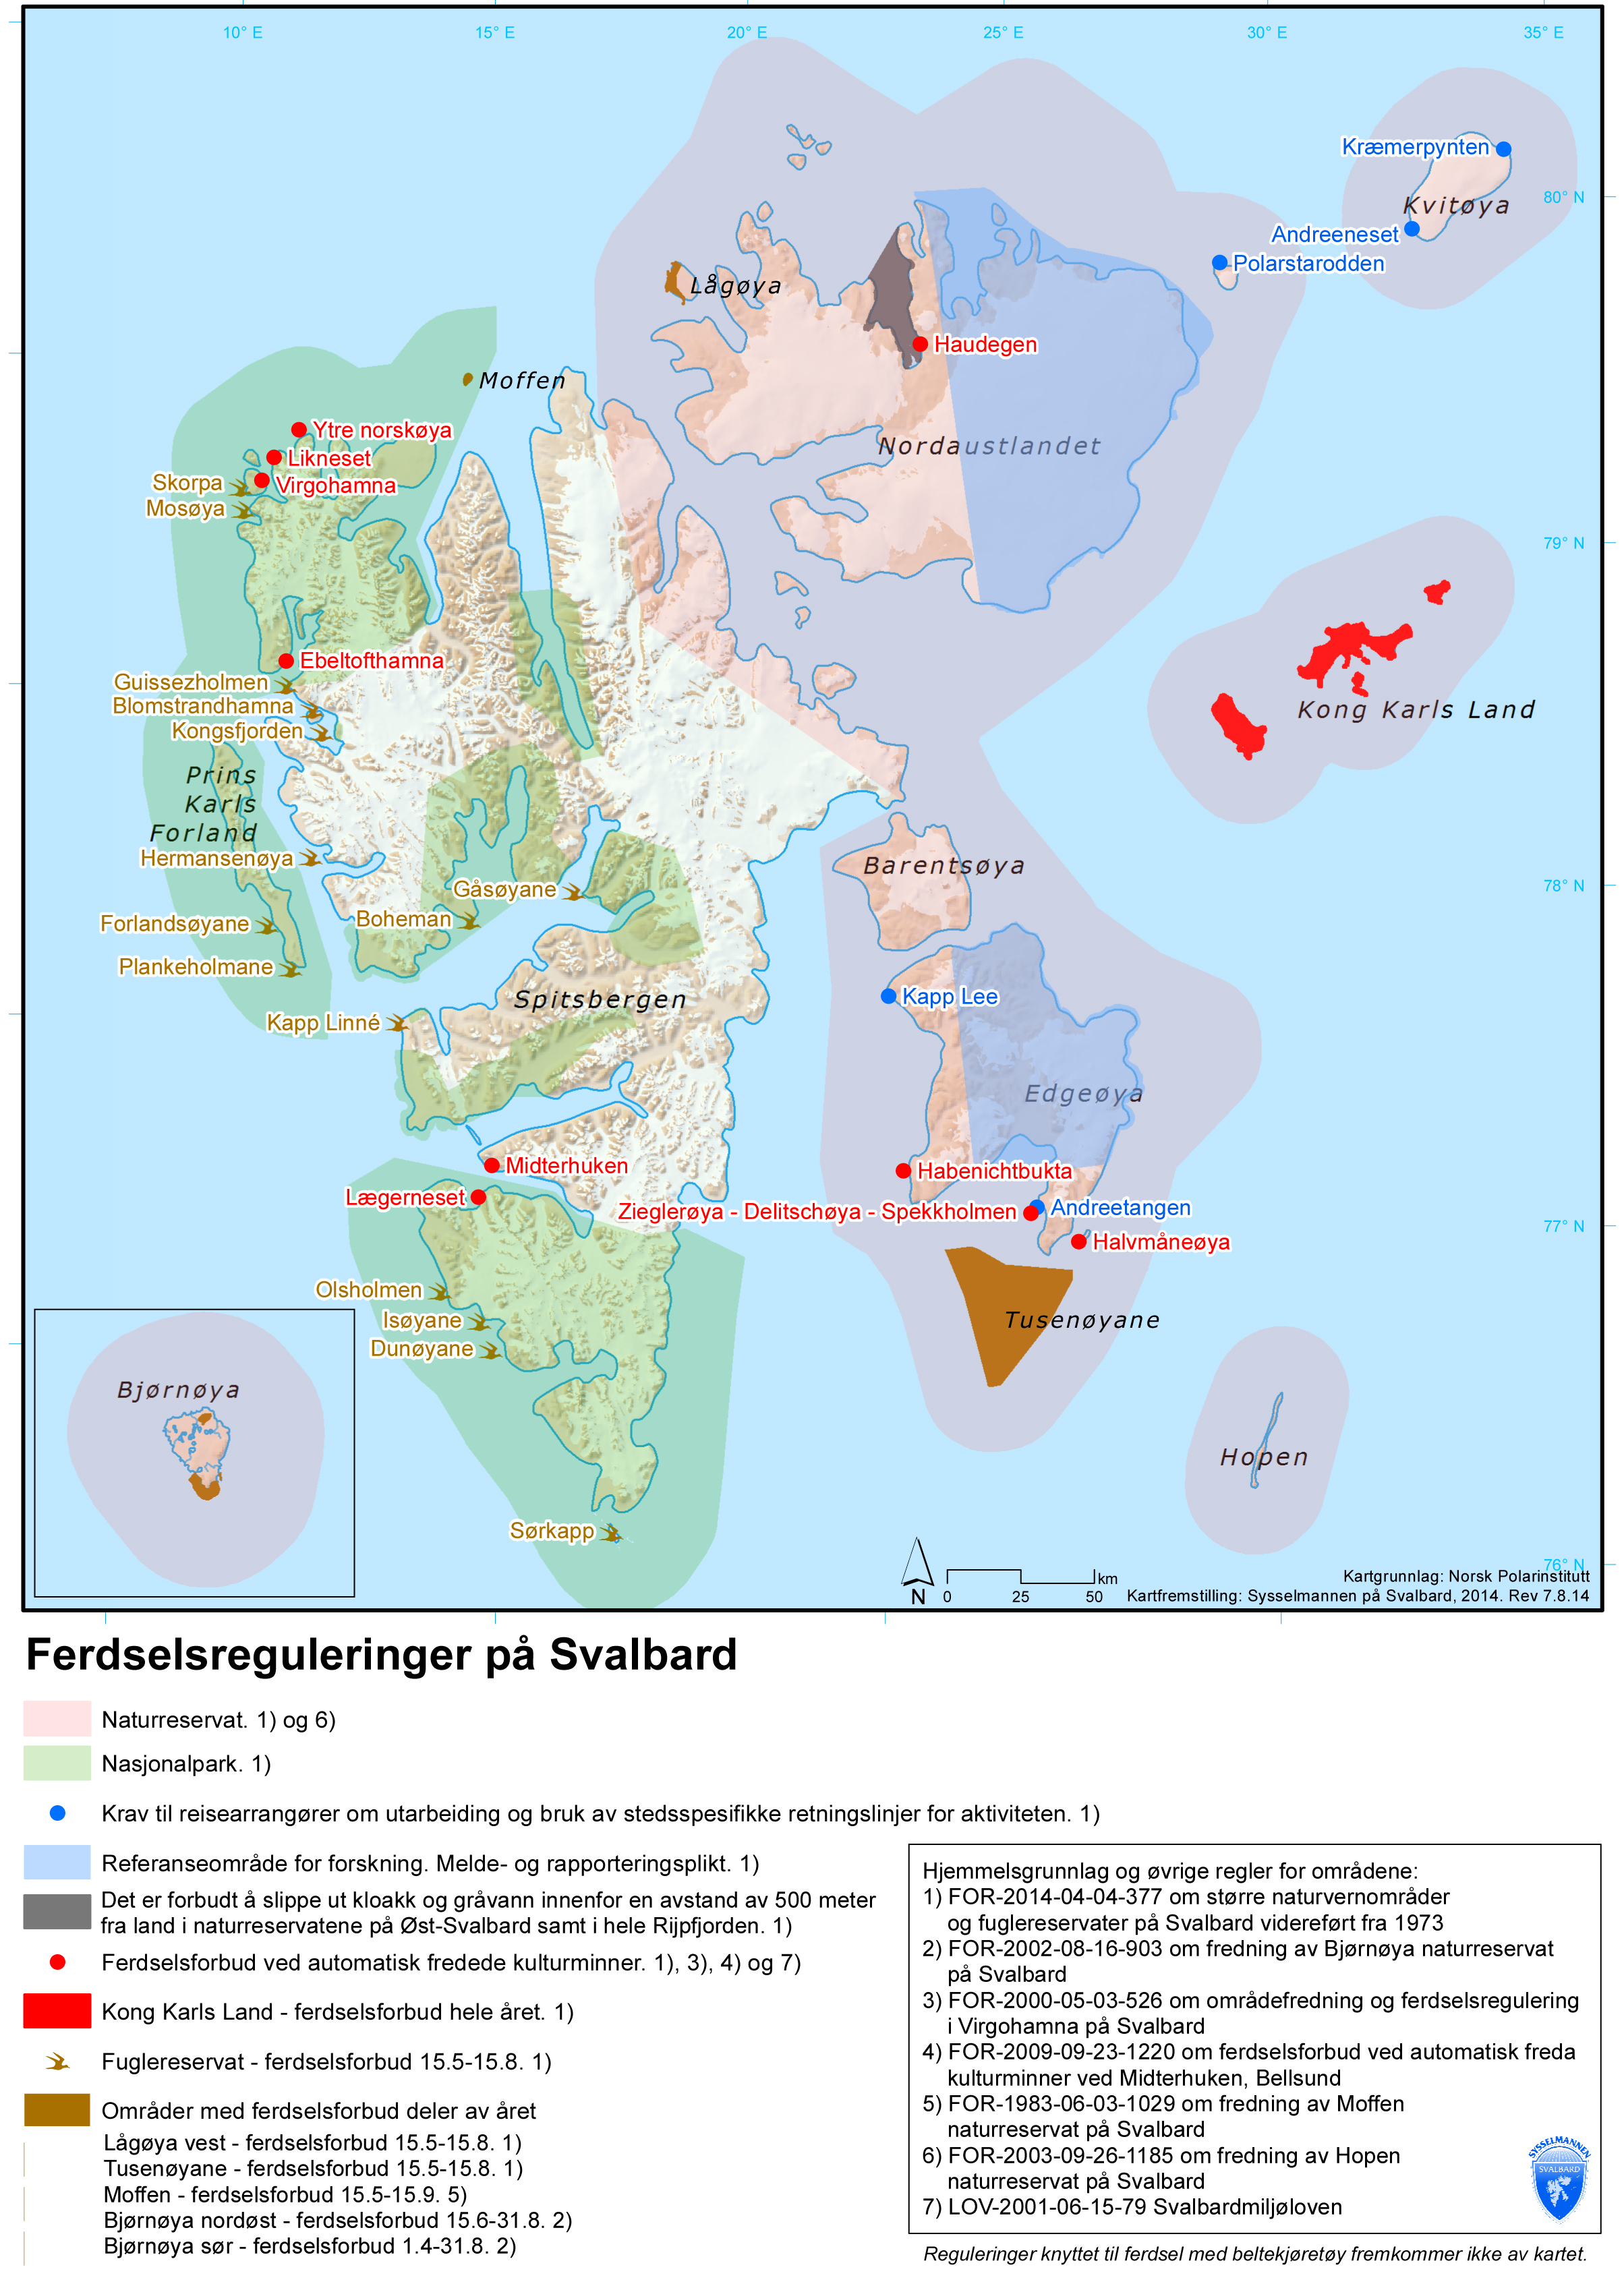 Svalbard: Schutzgebiete, Gesetze, Sicherheit, Waffe ...